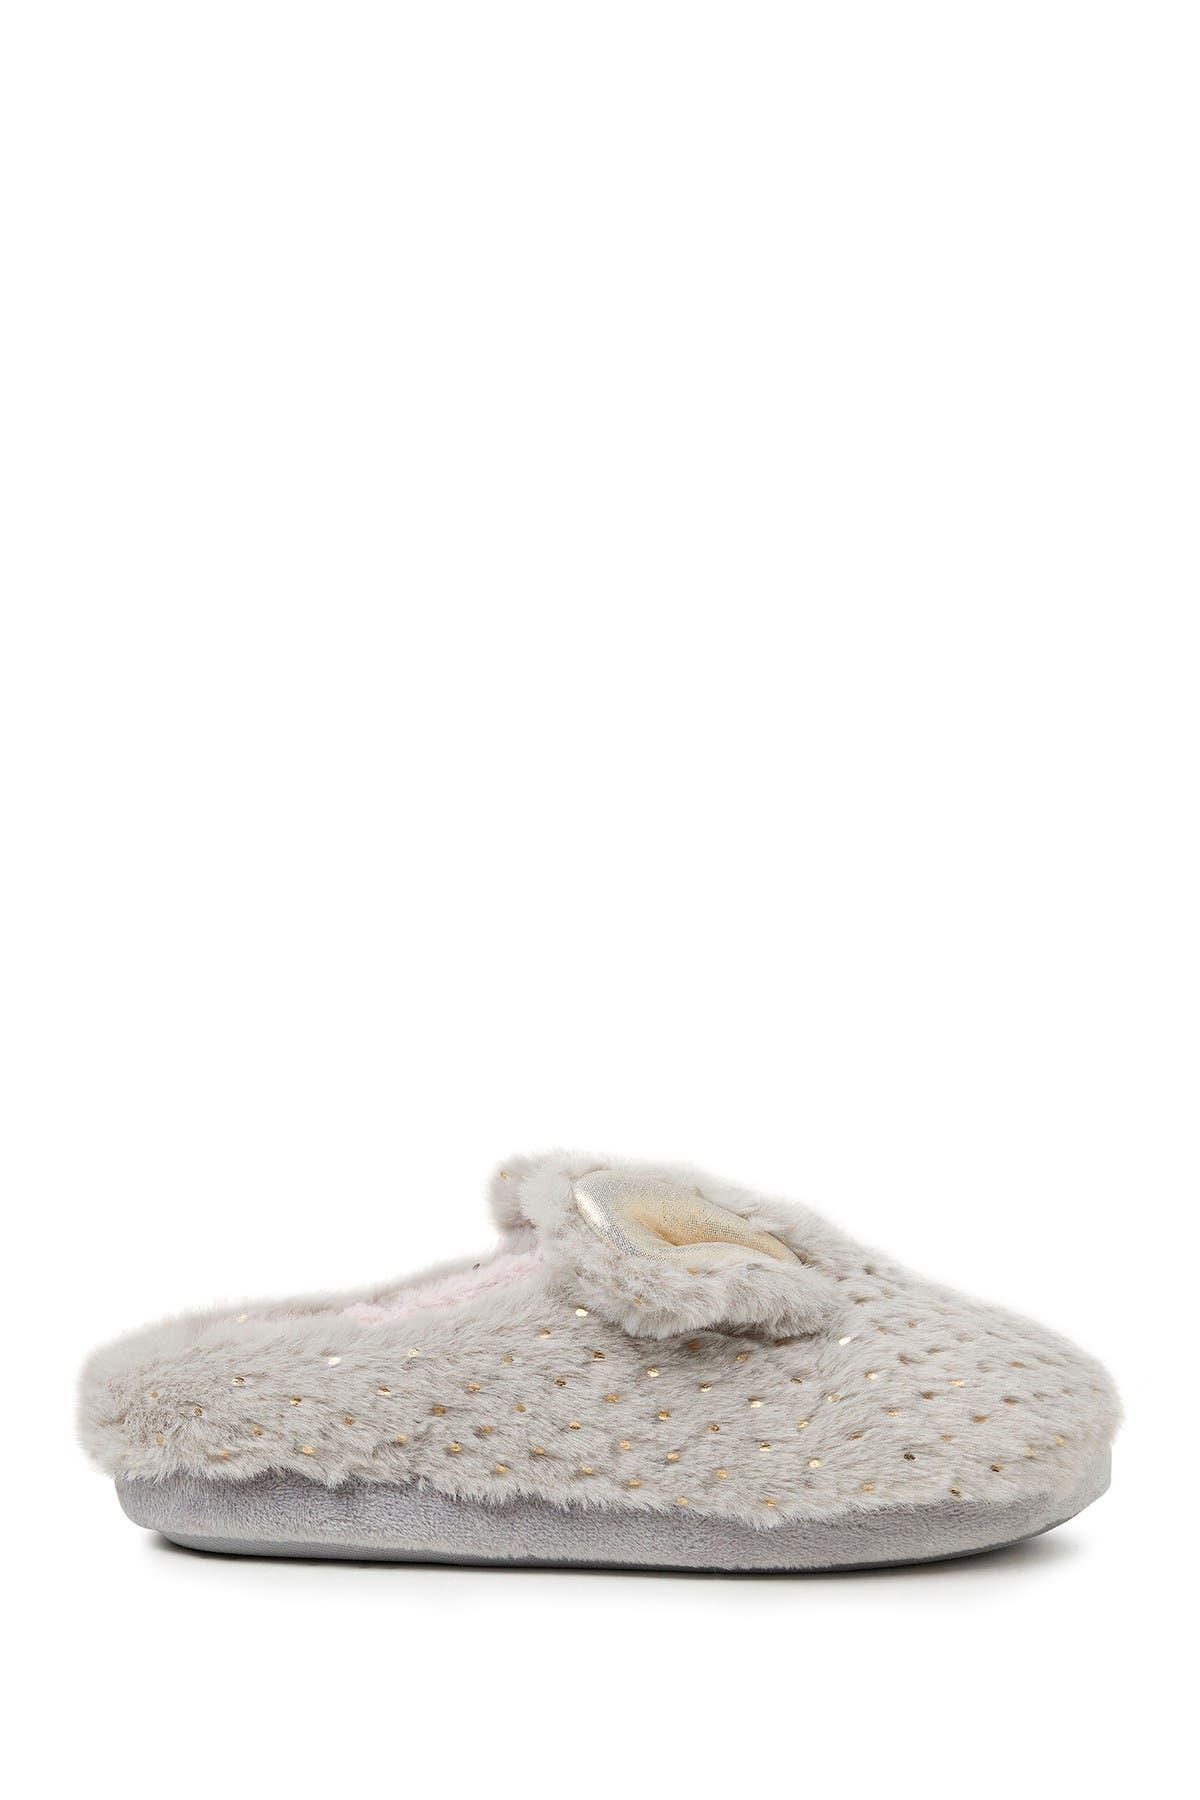 Image of Dearfoams Emma Faux Fur Sparkle Critter Slipper